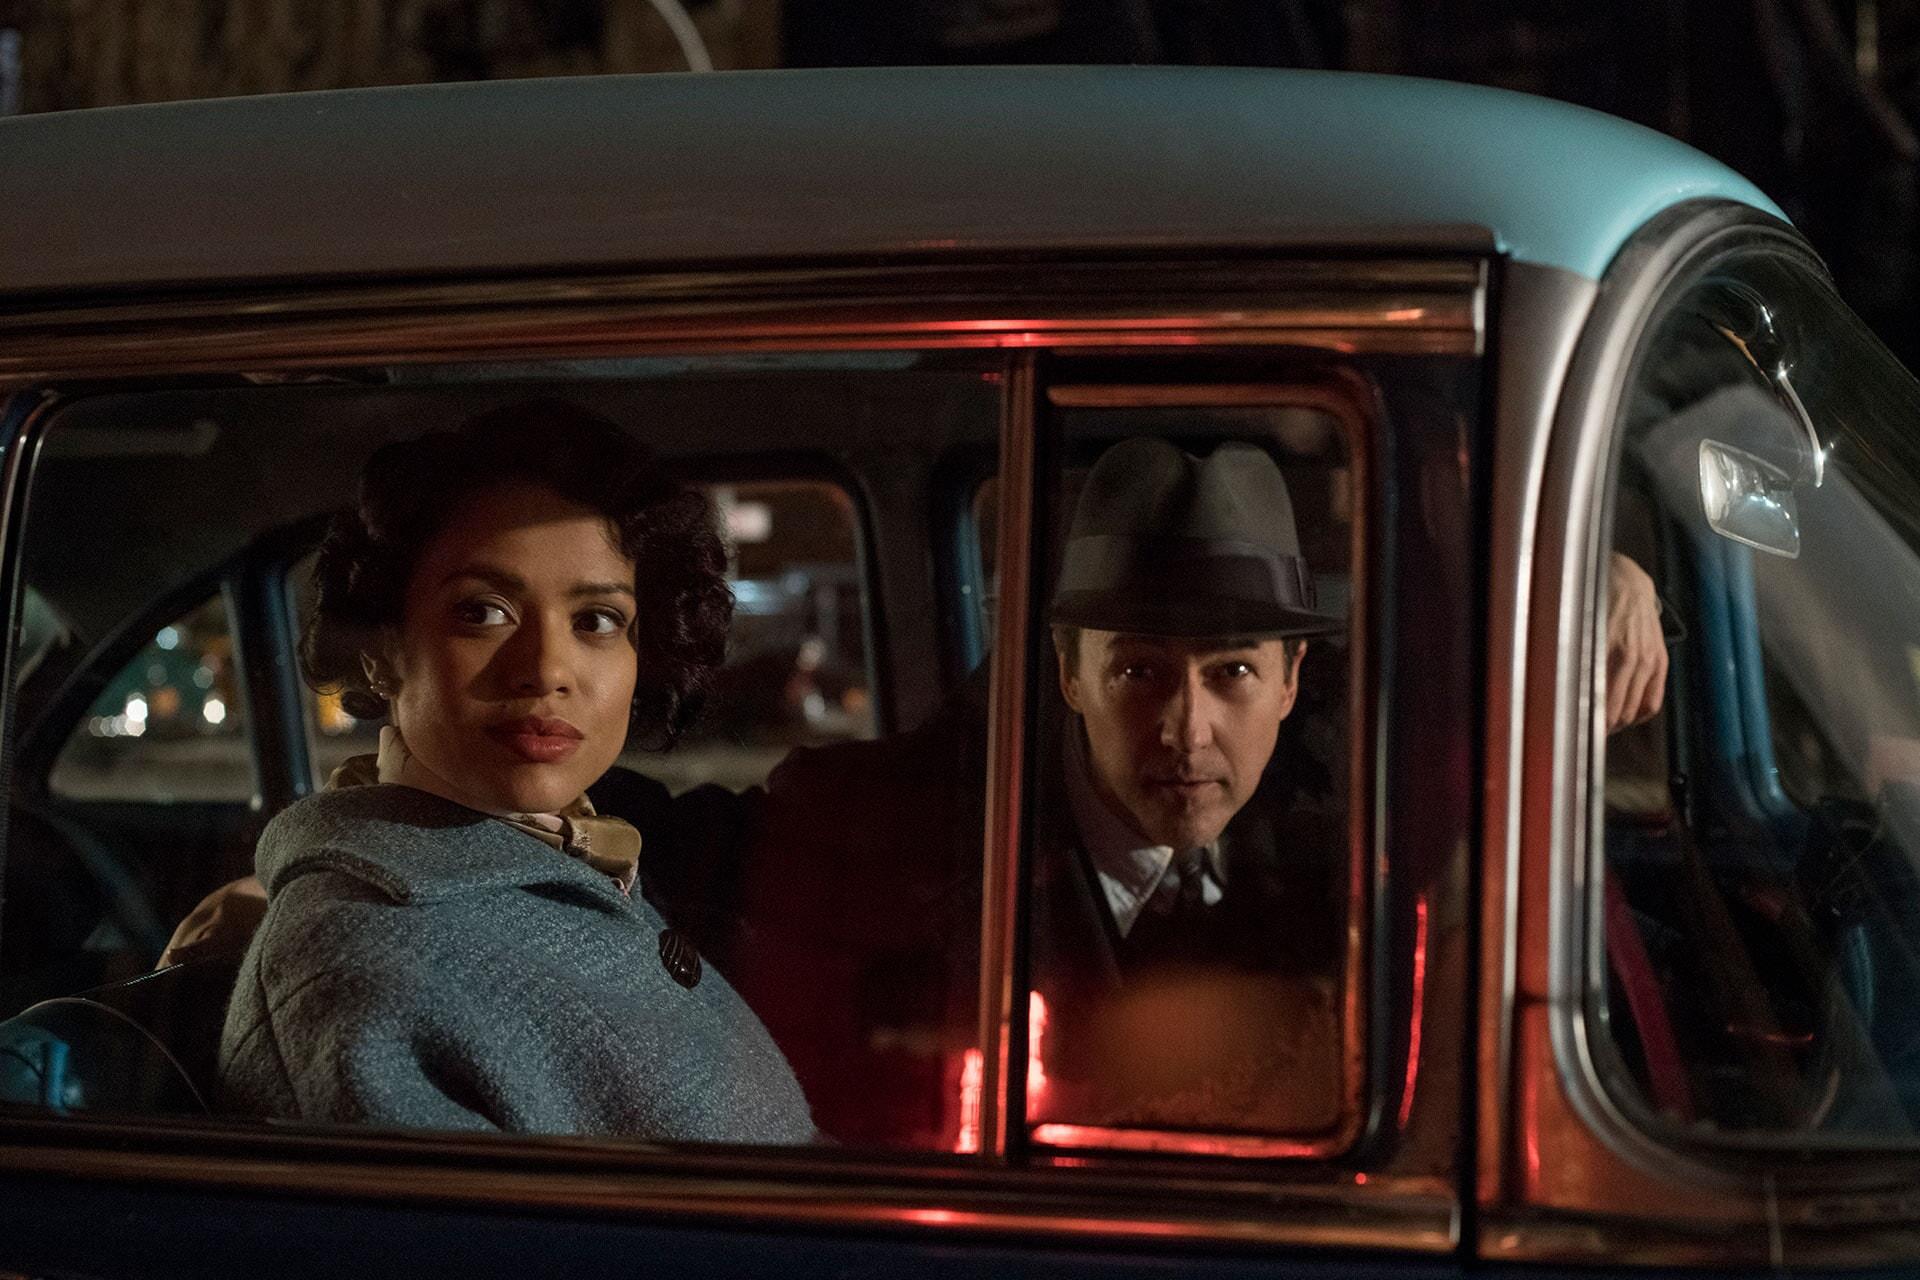 MOTHERLESS BROOKLYN: (L-R) GUGU MBATHA-RAW as Laura Rose and EDWARD NORTON as Lionel Essrog